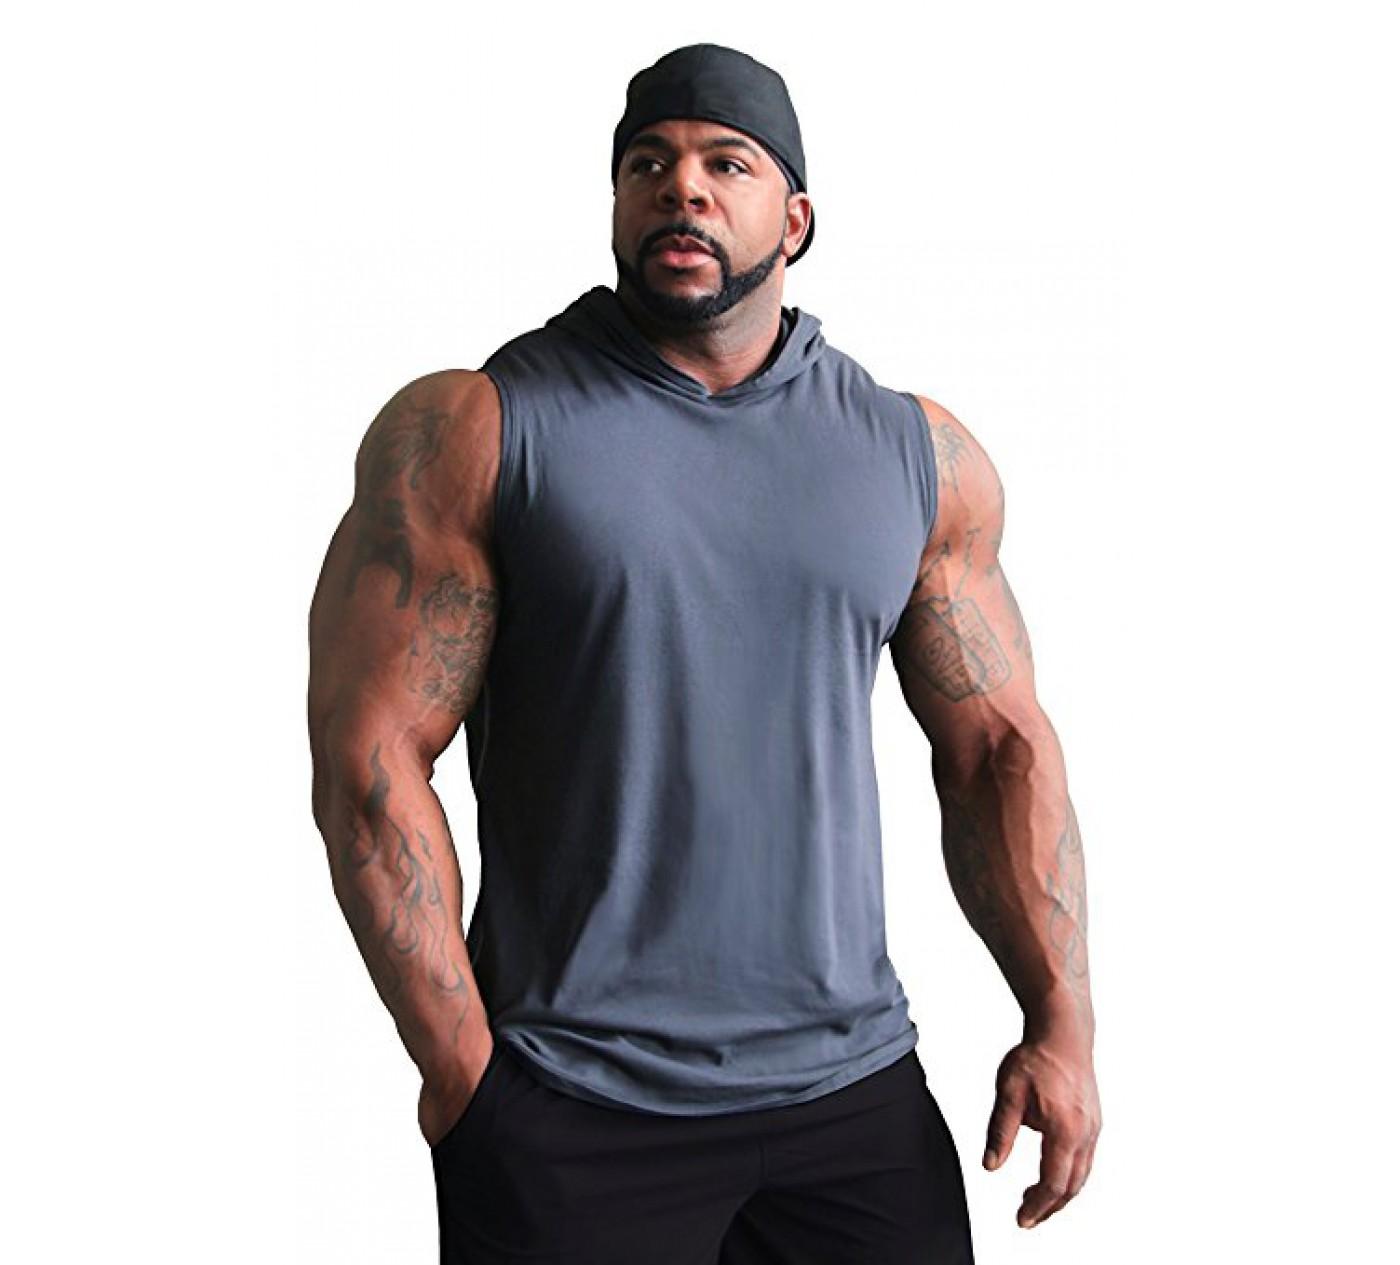 C444 Verrückte tragen Muscle Top 3/4 Ärmel